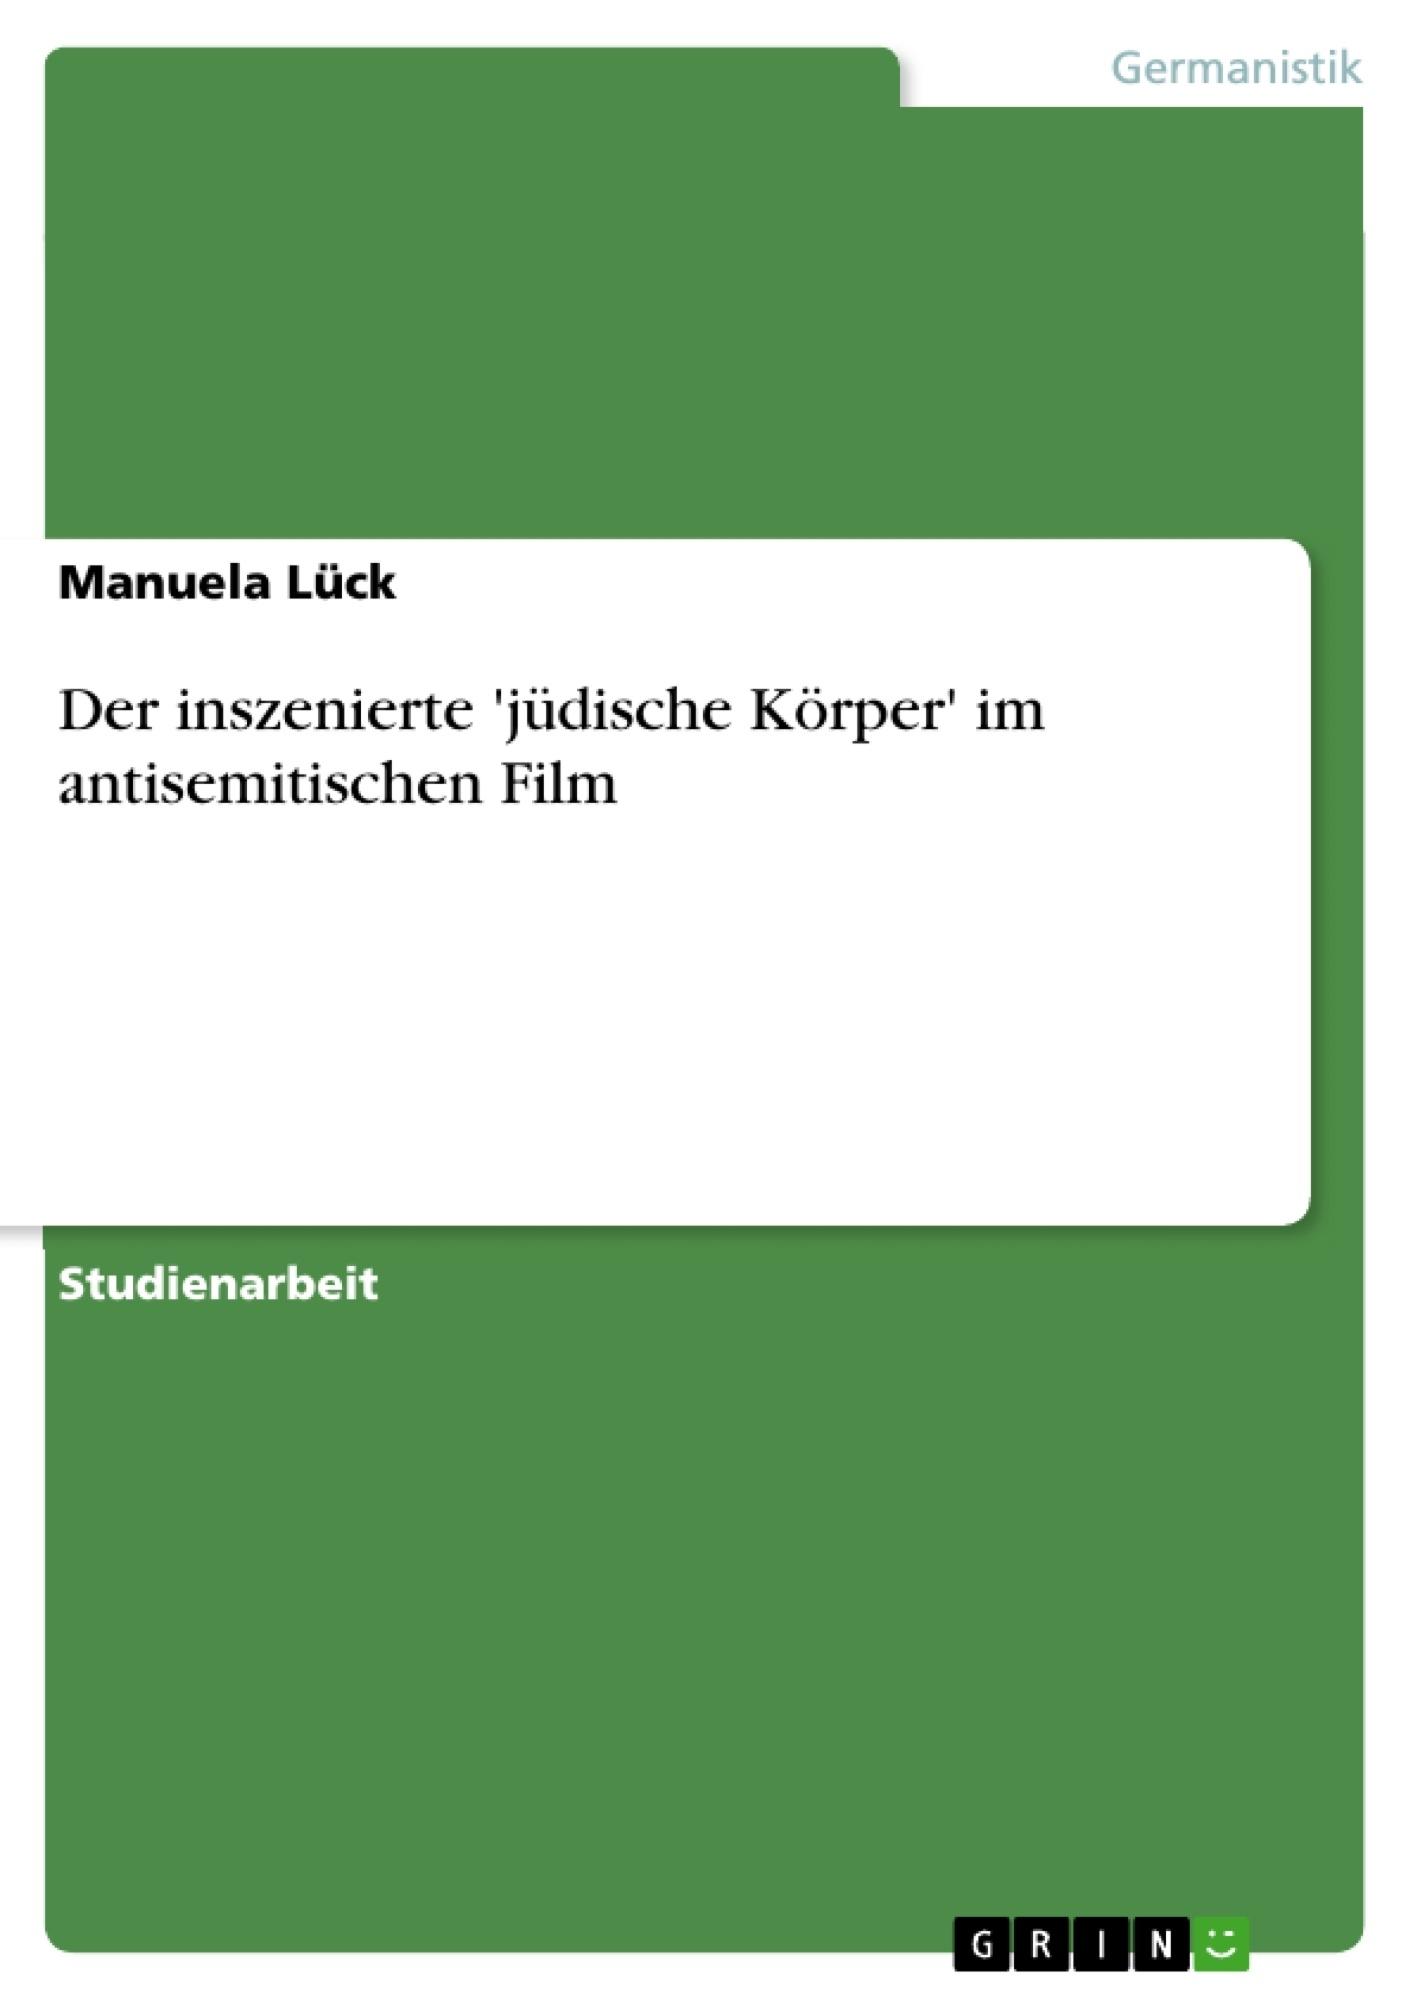 Titel: Der inszenierte 'jüdische Körper' im antisemitischen Film